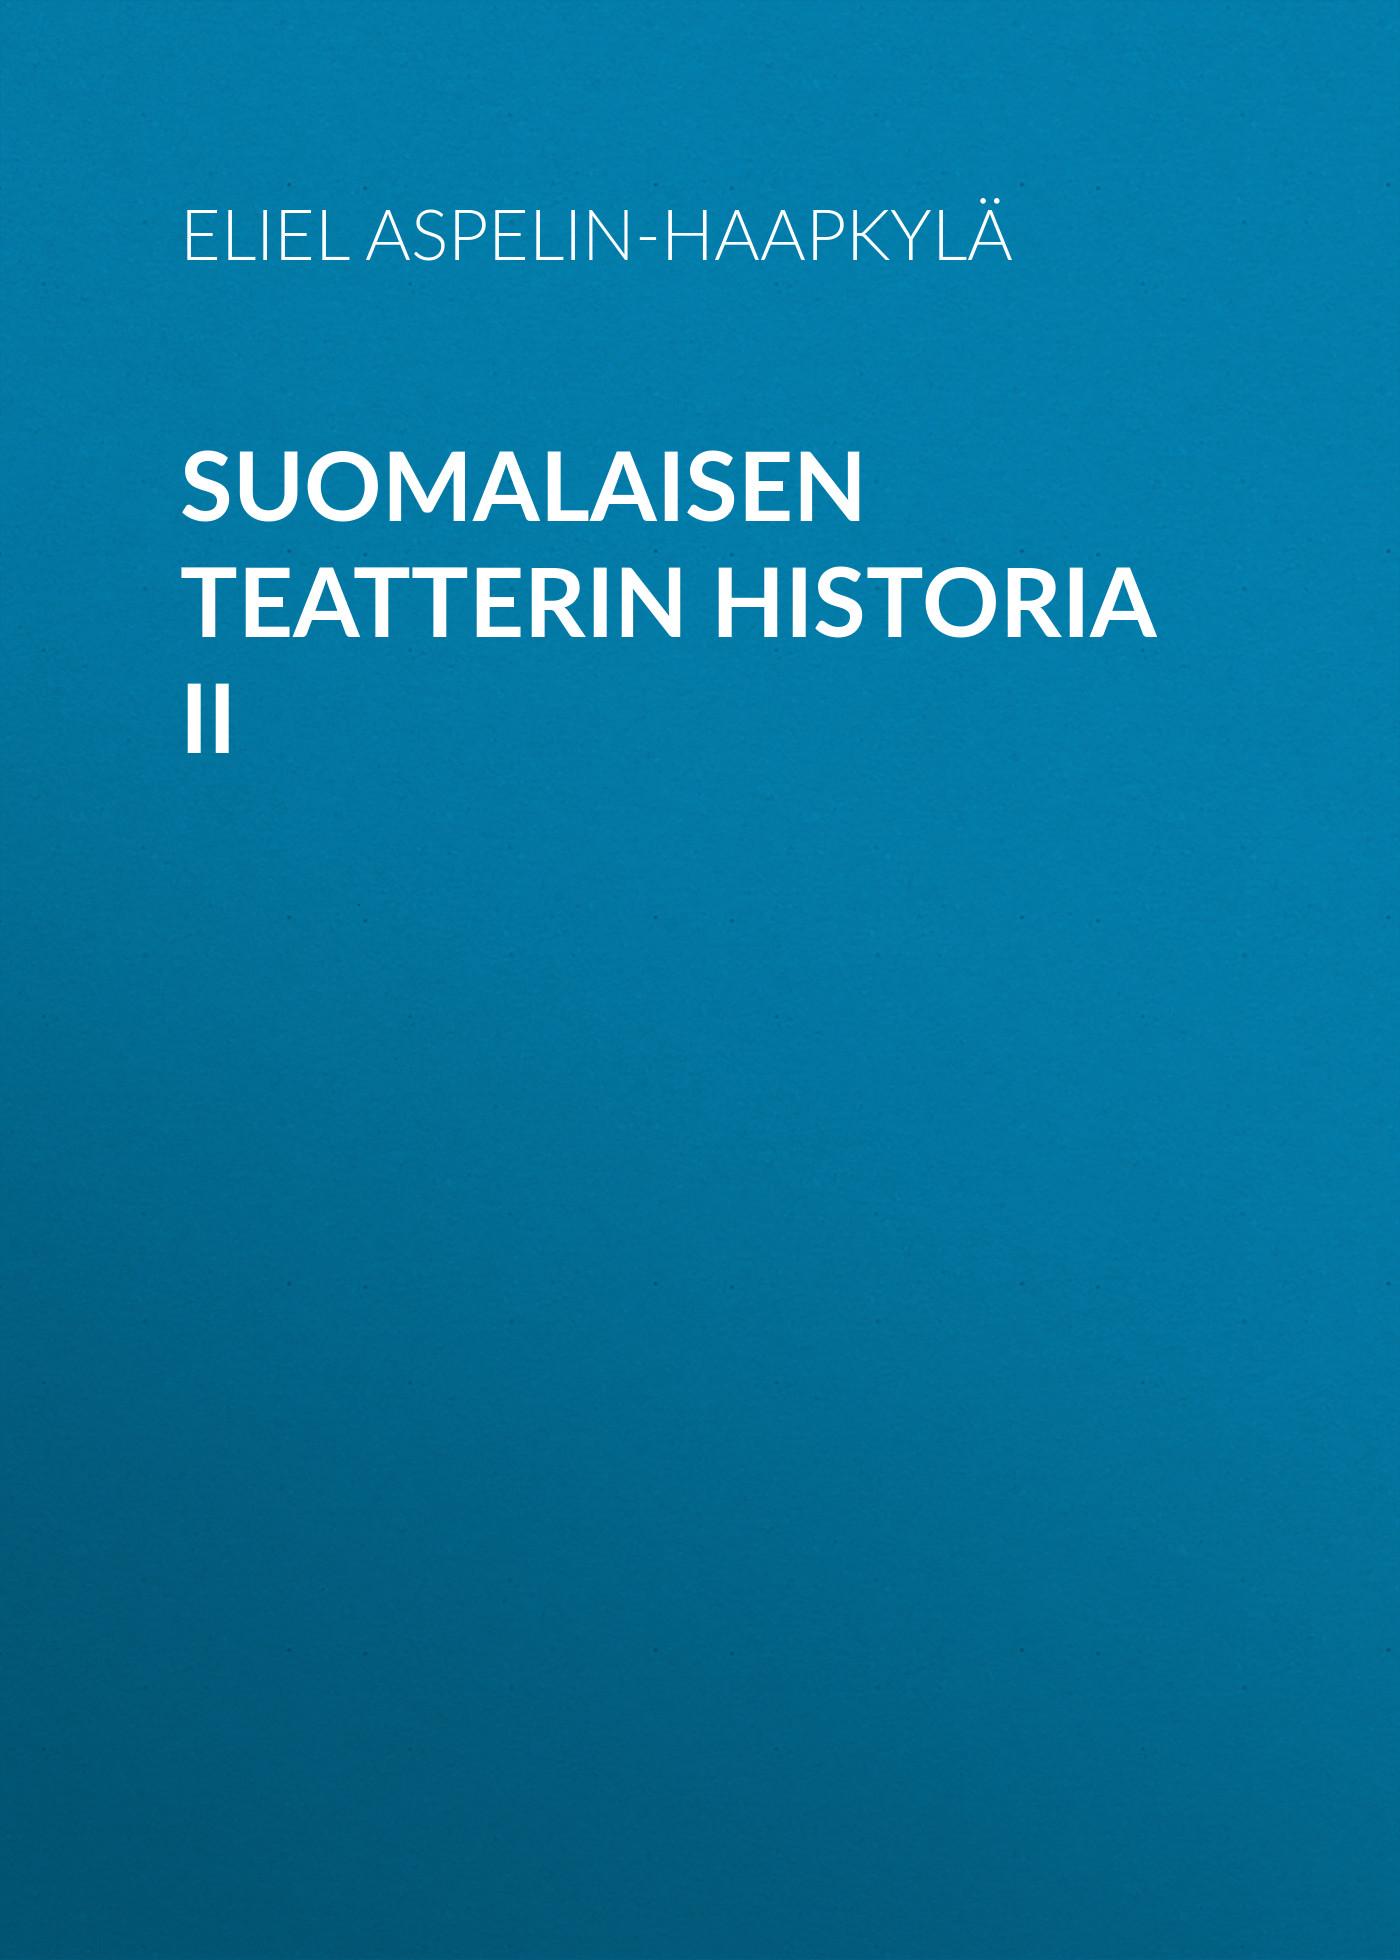 suomalaisen teatterin historia ii